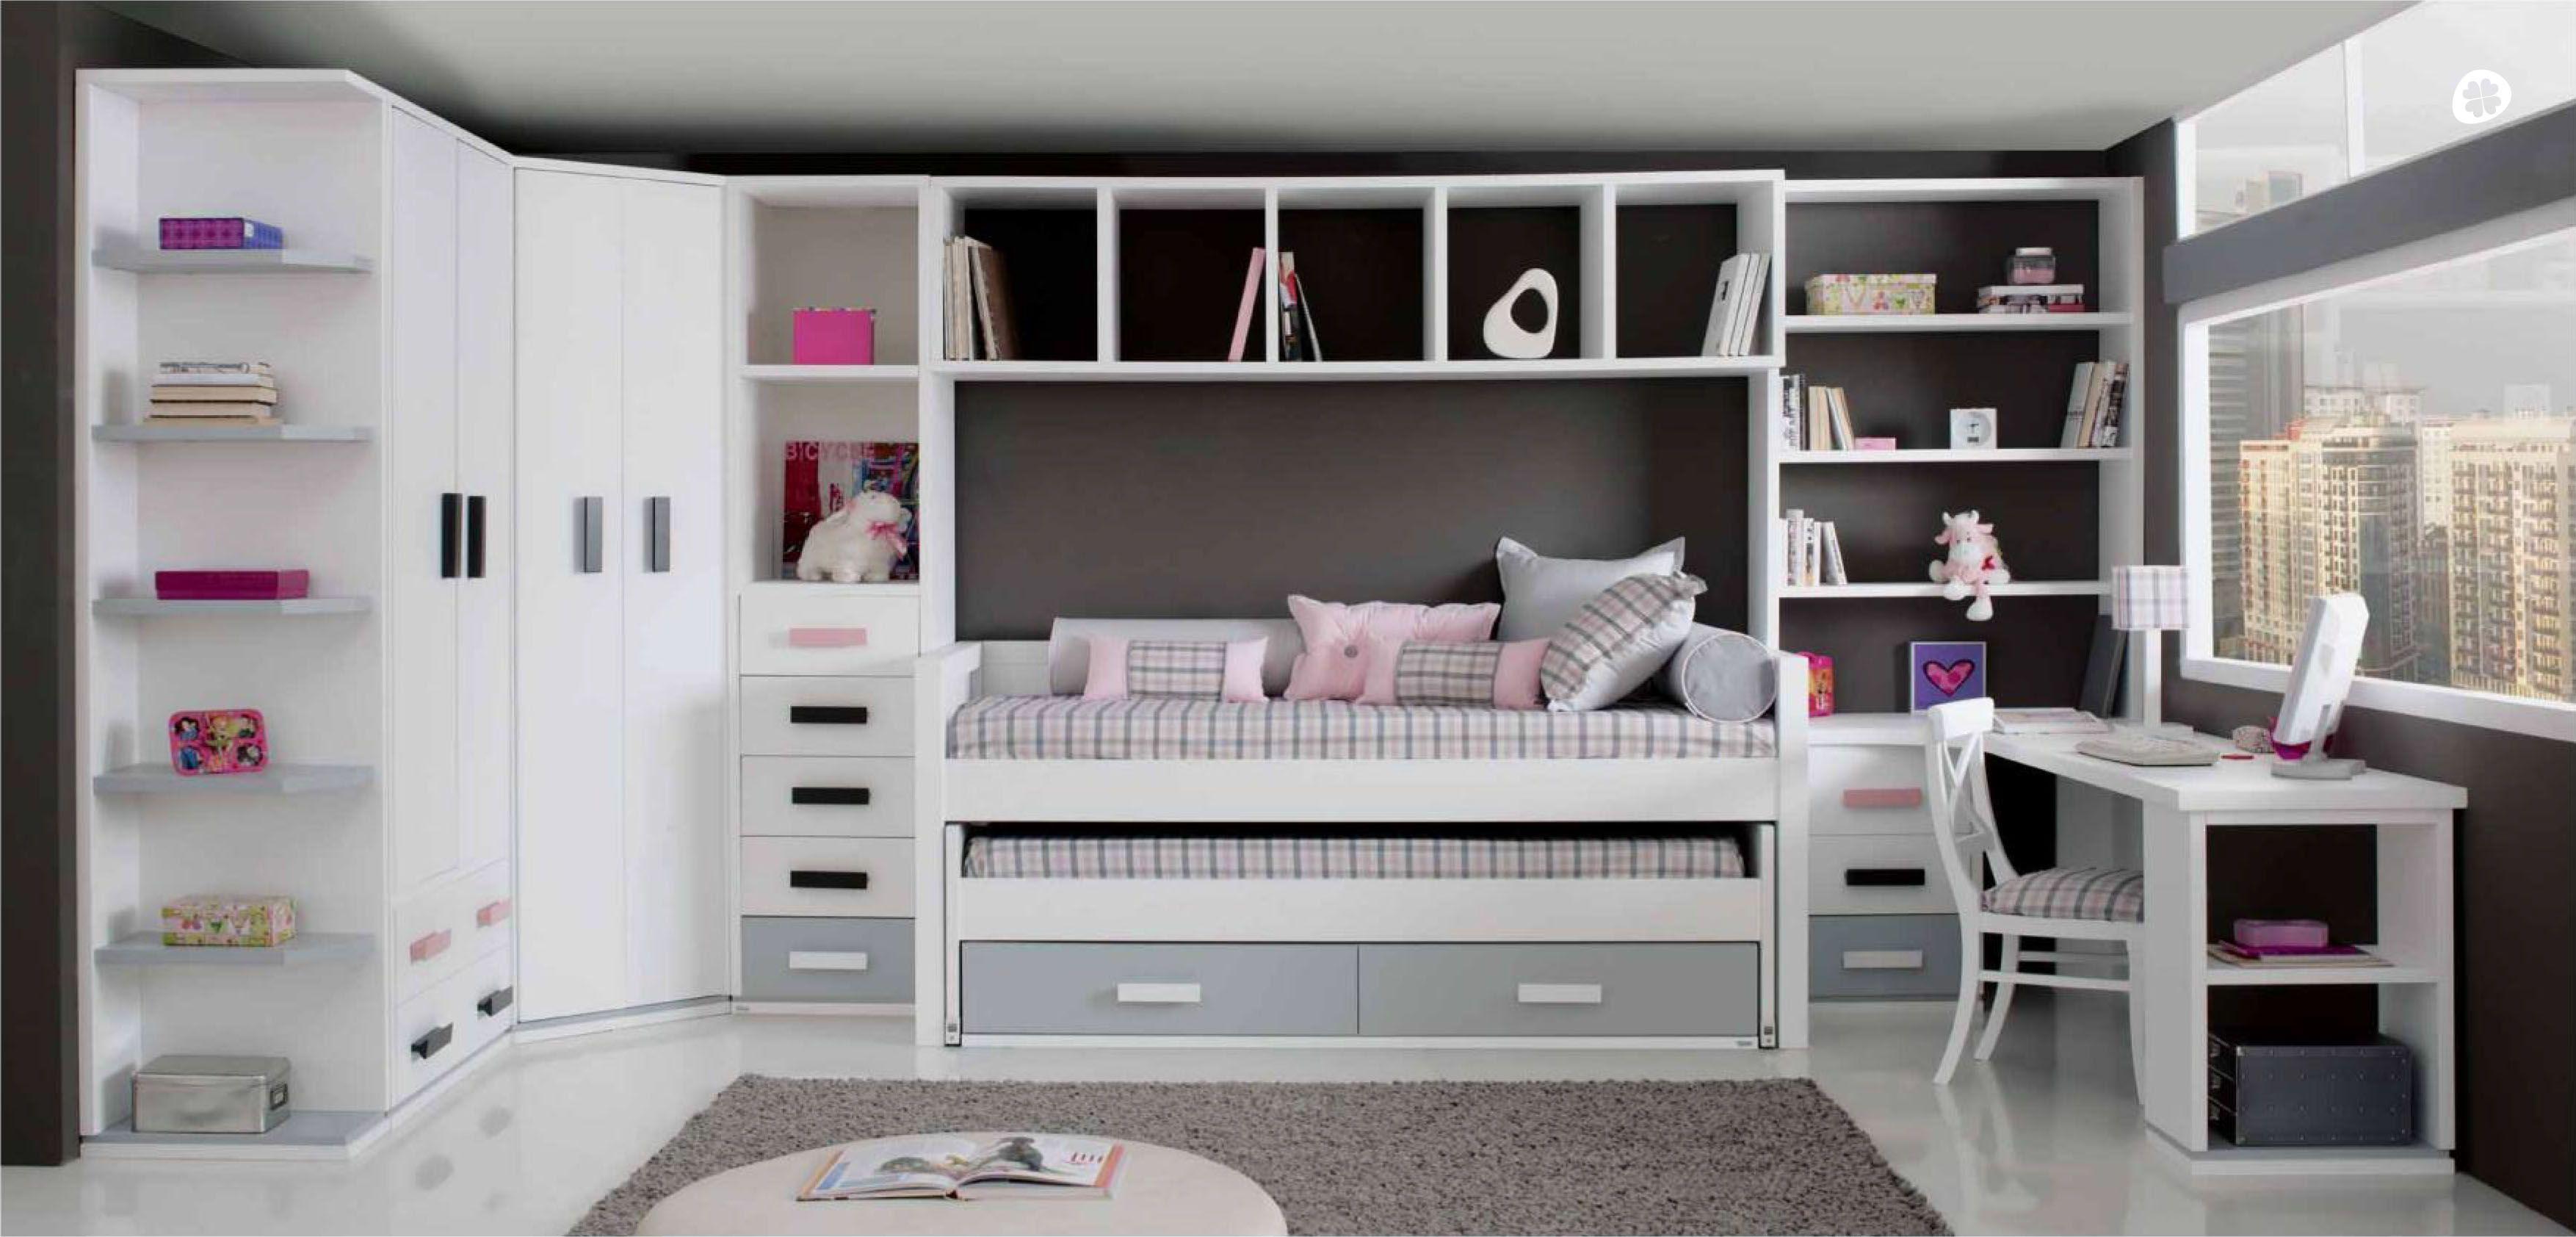 Dormitorio completo para ni os de tr bol escritorio y - Dormitorios para ninos ...